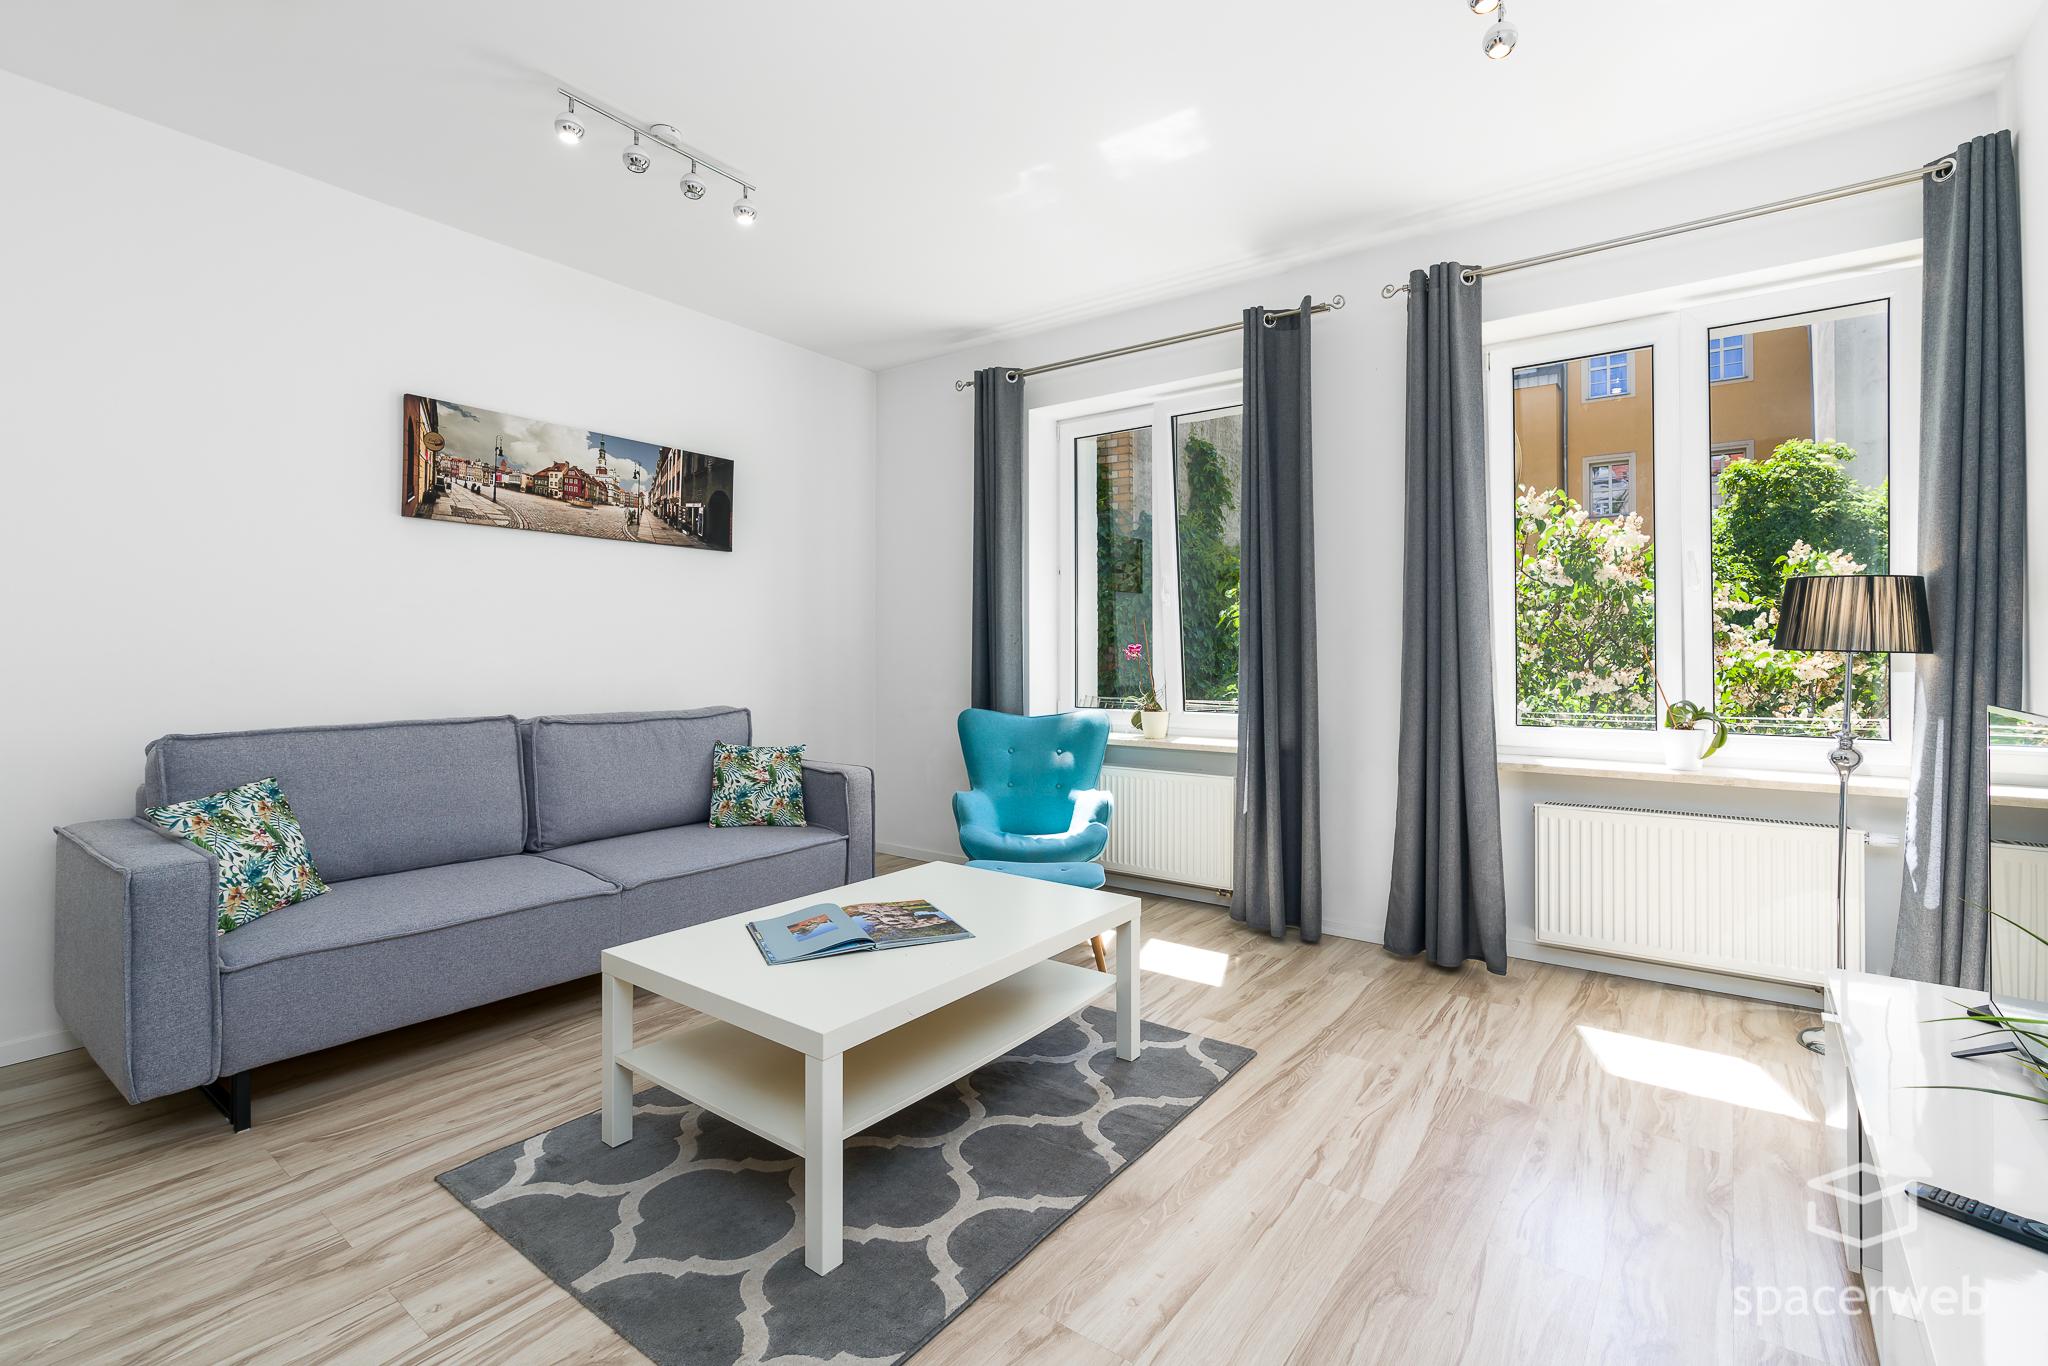 Fotografia wnętrz, fotografia apartamentów, wirtualne spacery